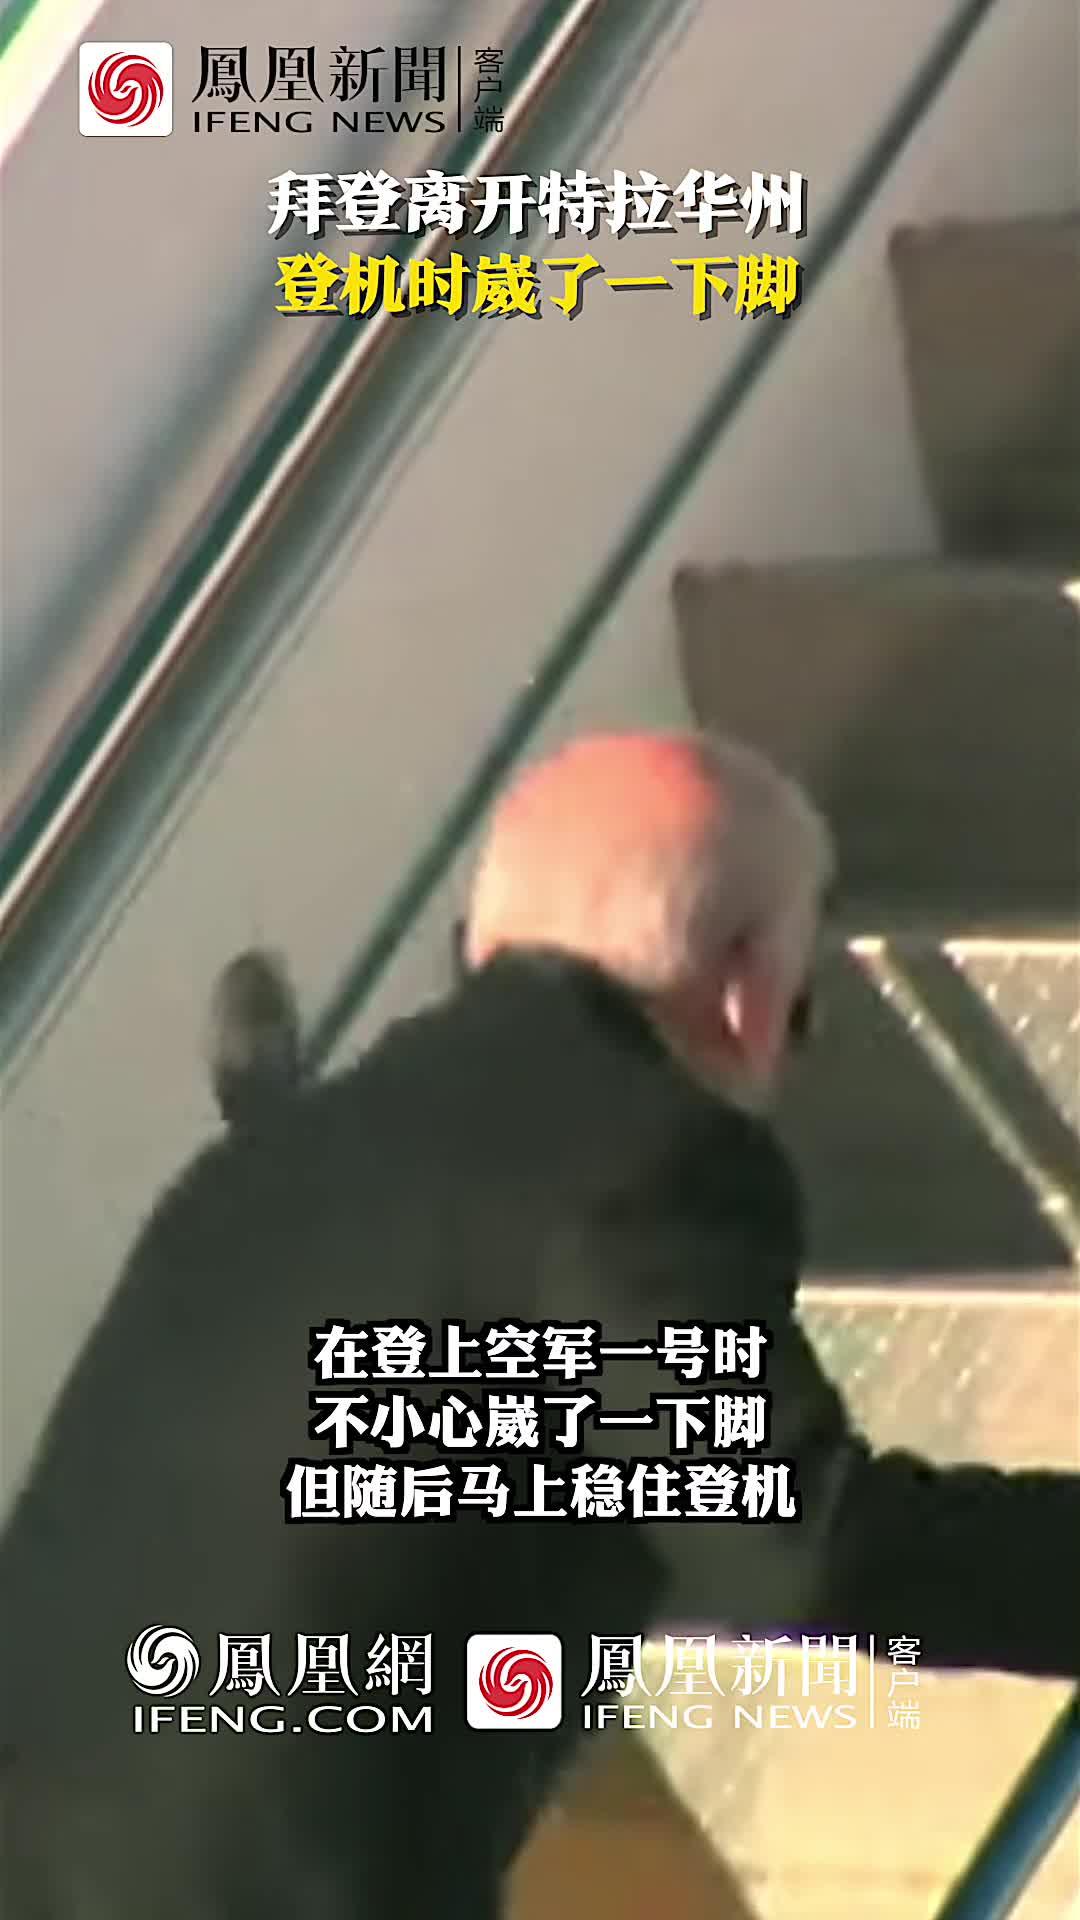 实拍:拜登登上空军一号 步履踉跄差点摔了一跤